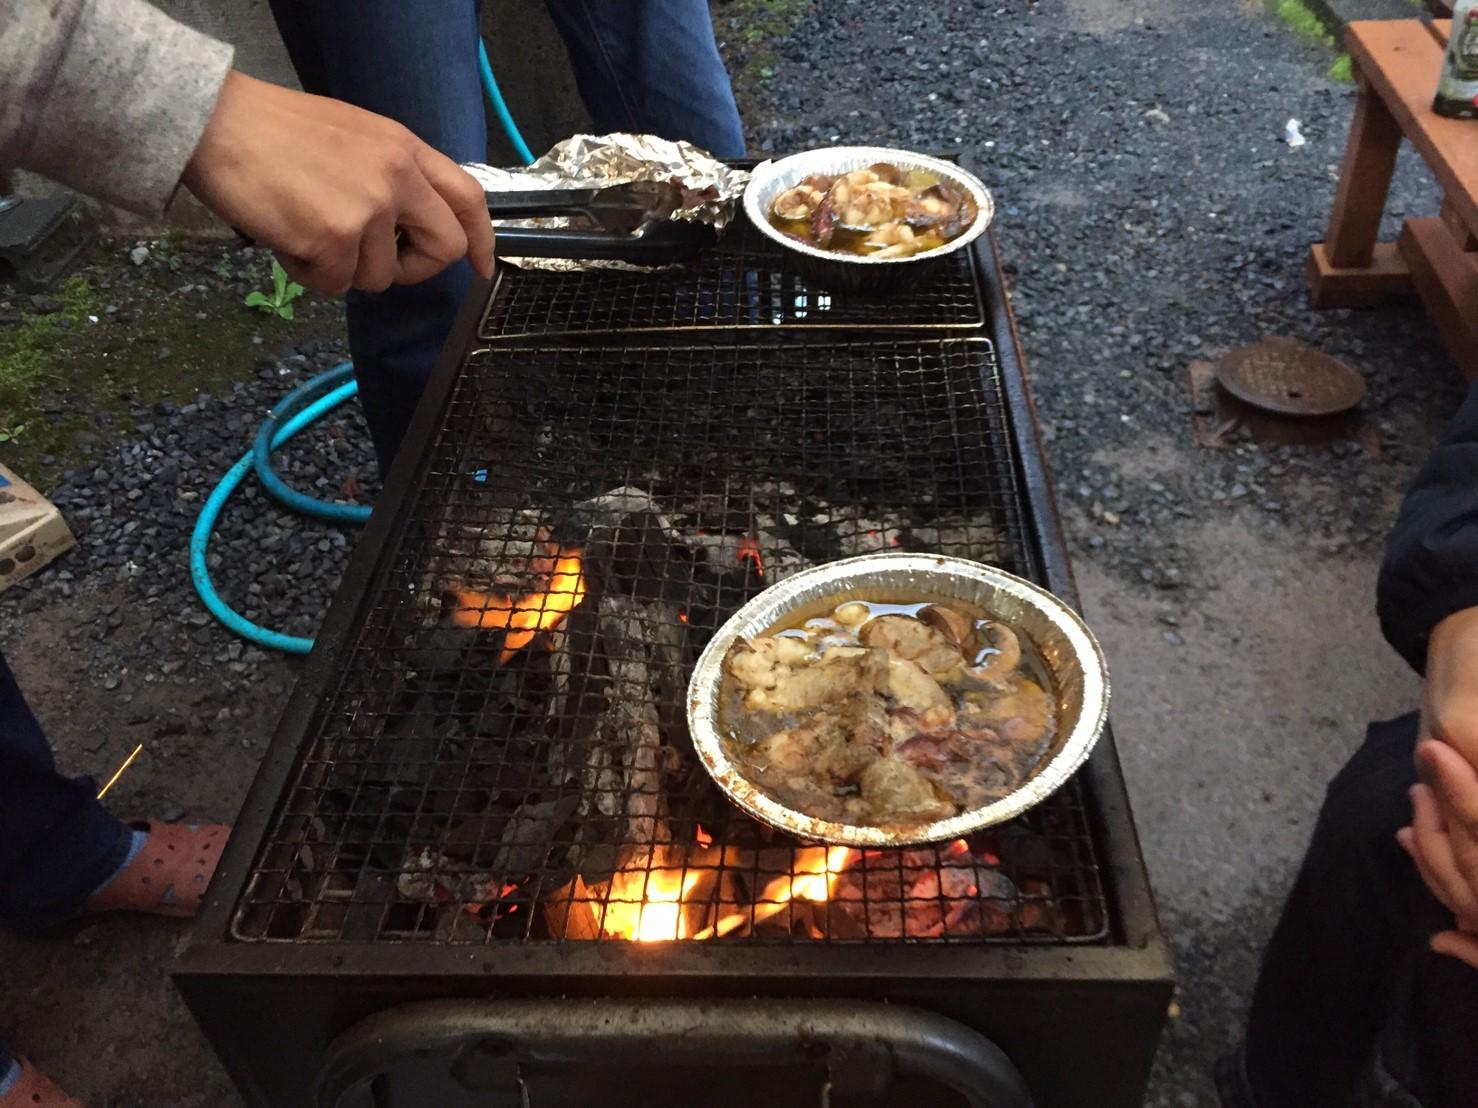 モリキン会 安蔵BBQ 2019 春_e0115904_03295971.jpg